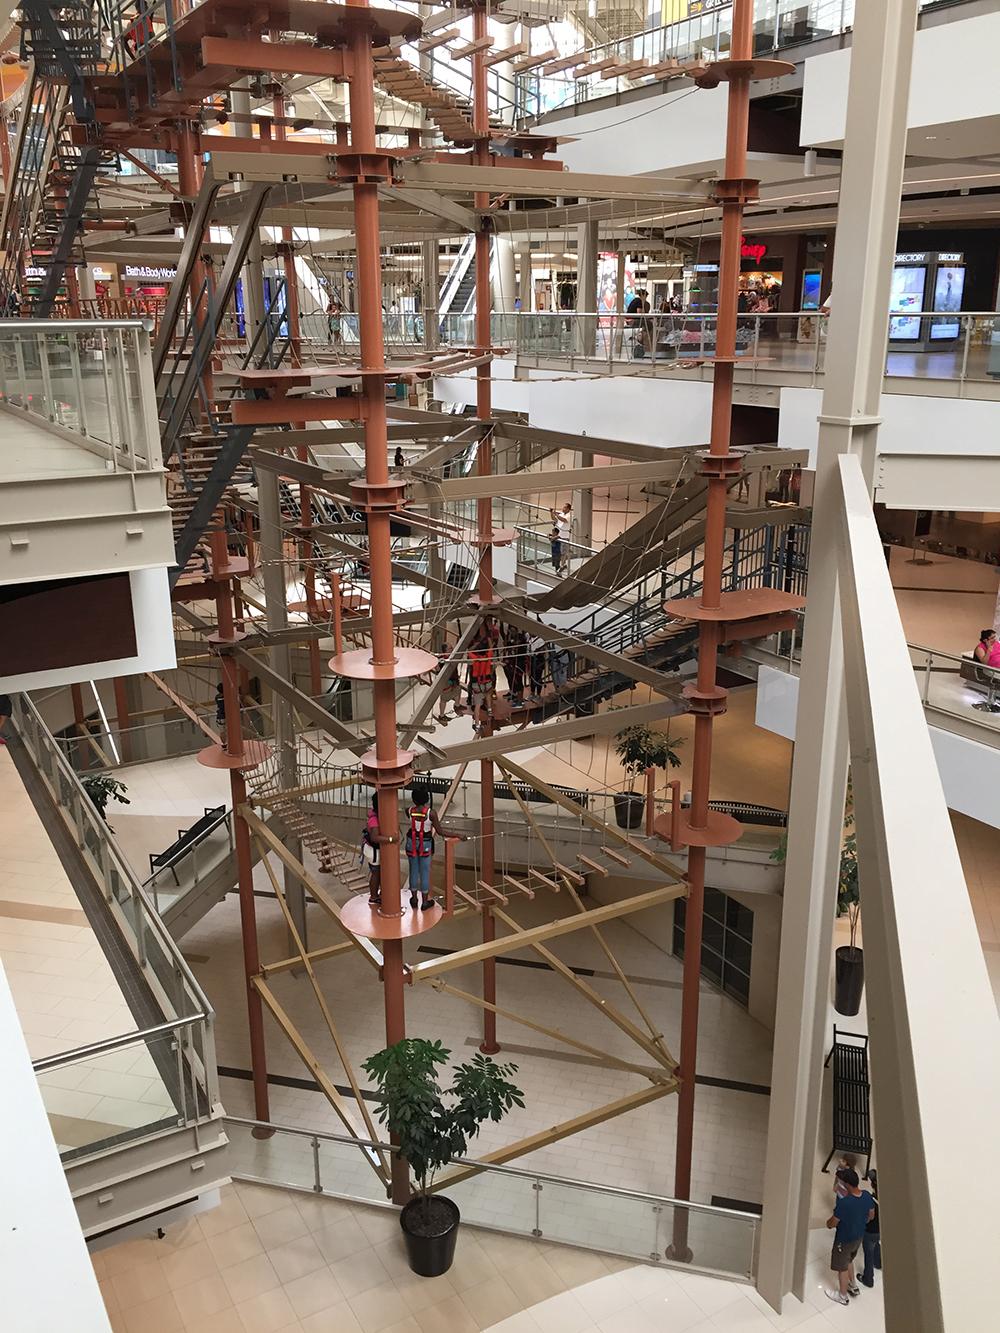 パラセイズ・センター内にある世界最大級の屋内クライミング施設です。まじ高い。